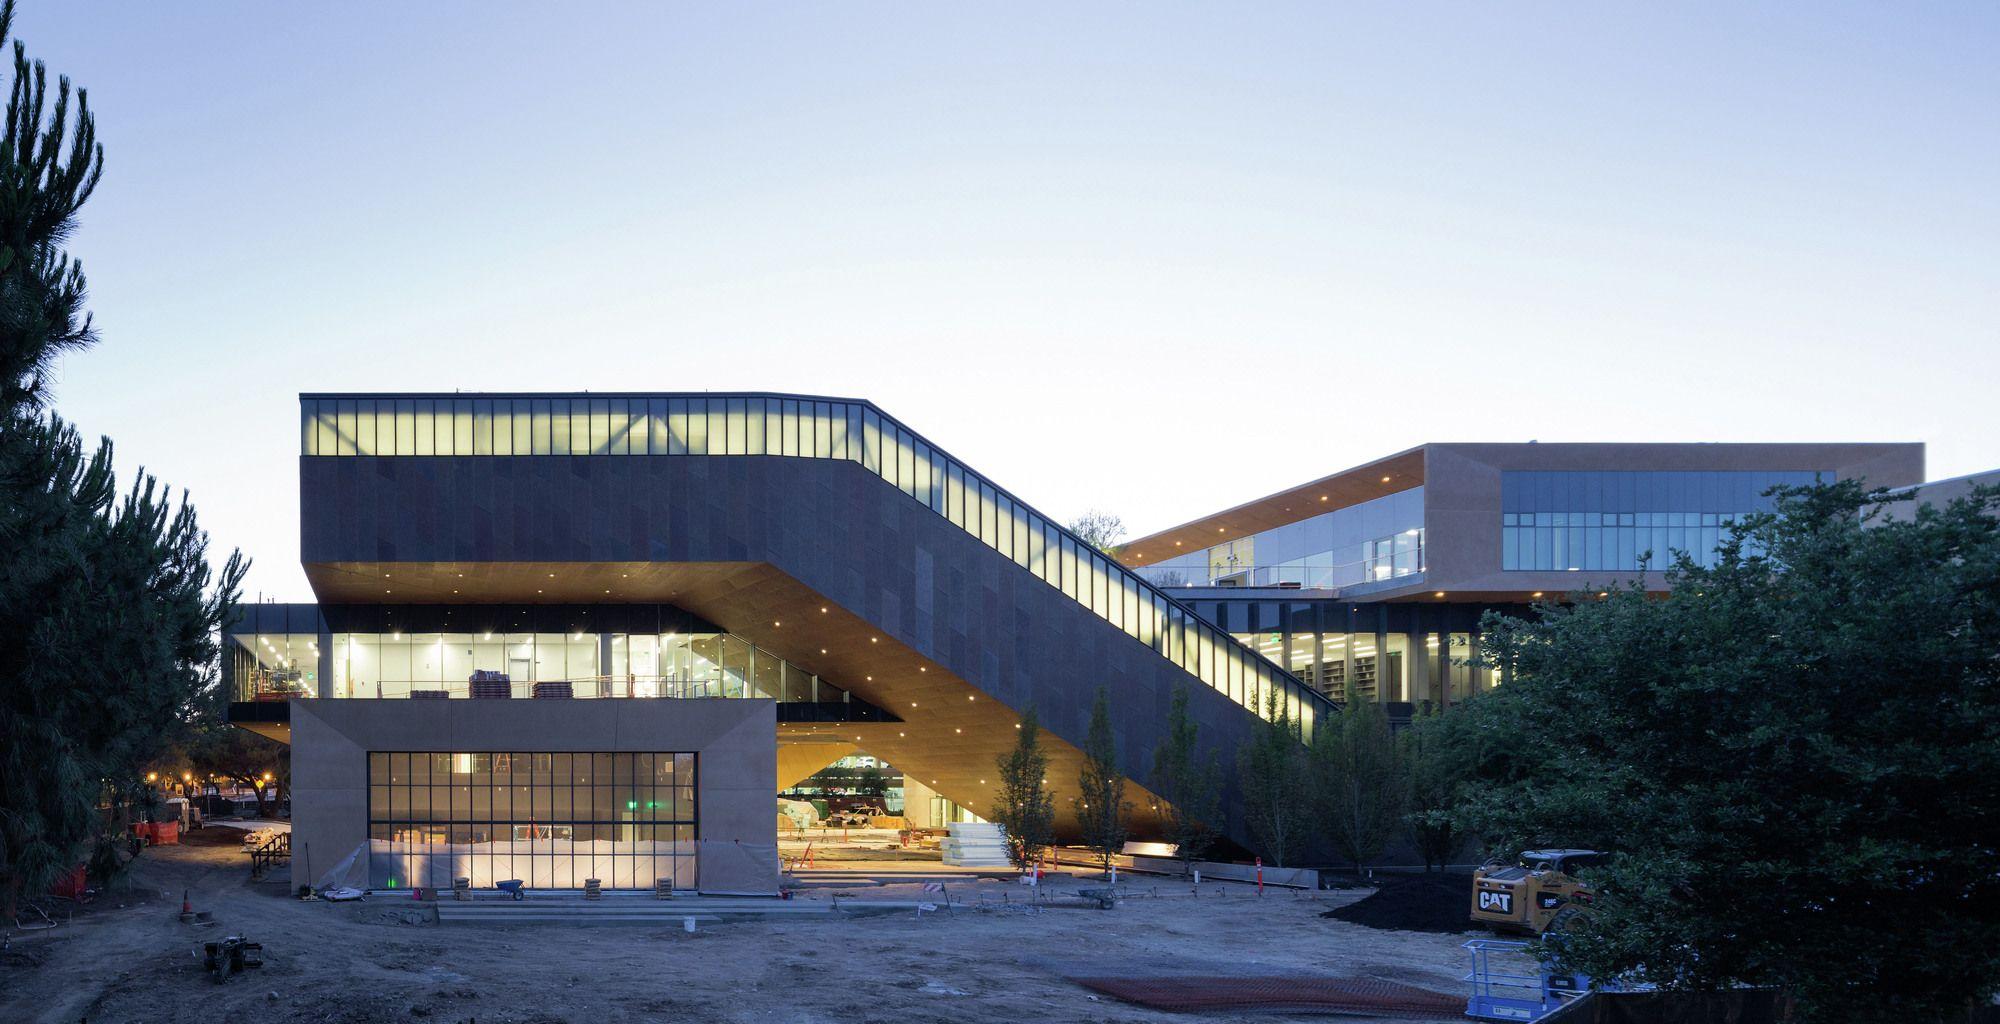 DS+R presenta fotografías del nuevo edificio de Historia del Arte de la Universidad de Stanford diller